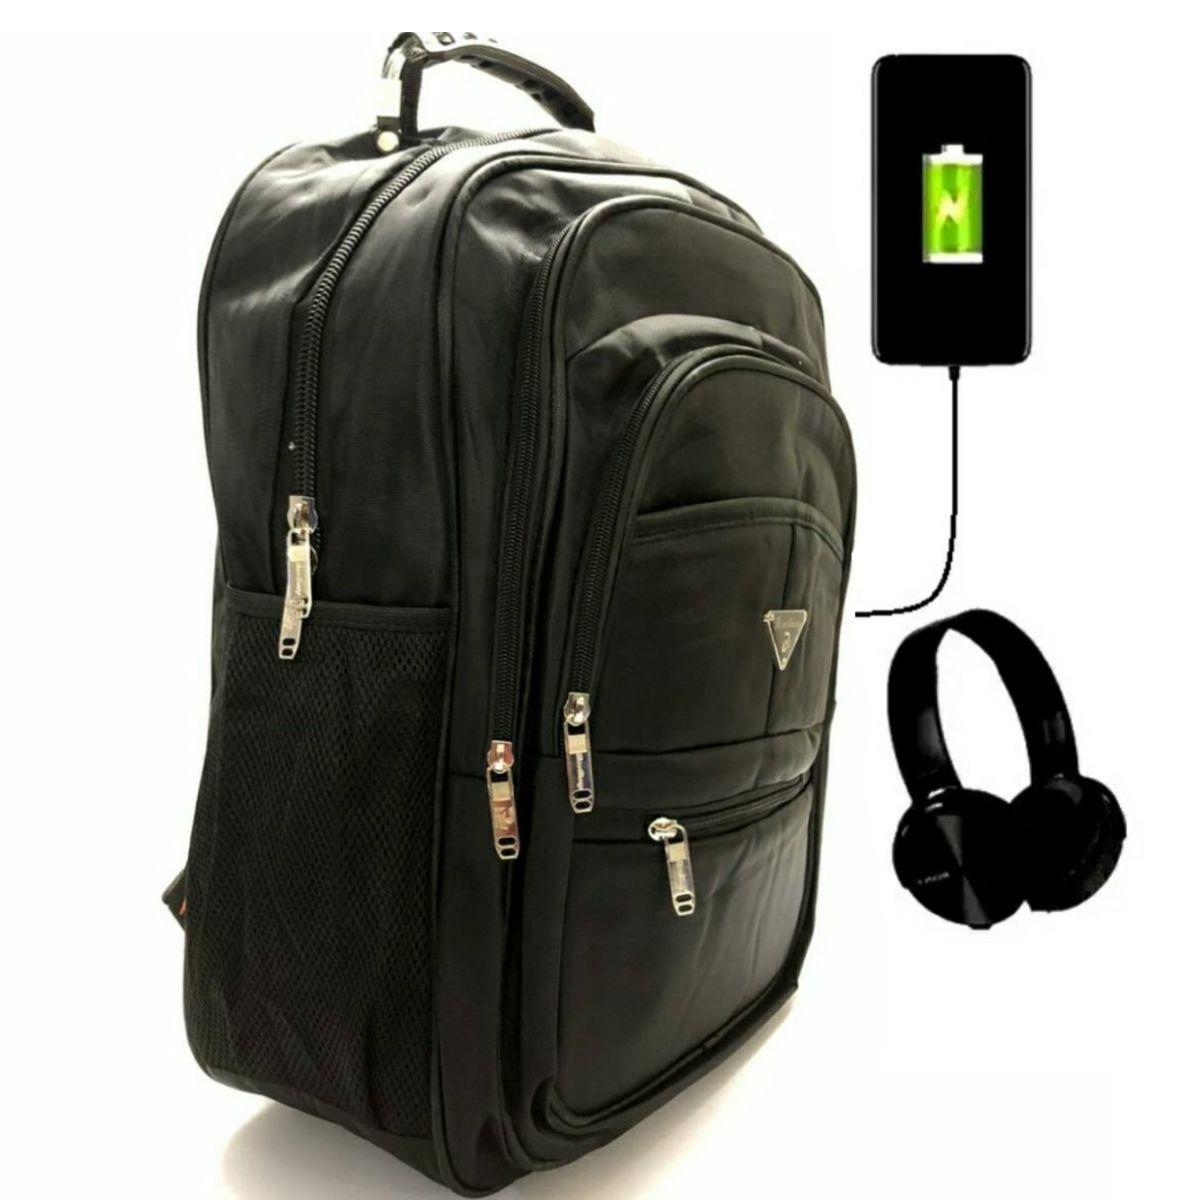 Mochila para Notebook com entrada USB e FONE